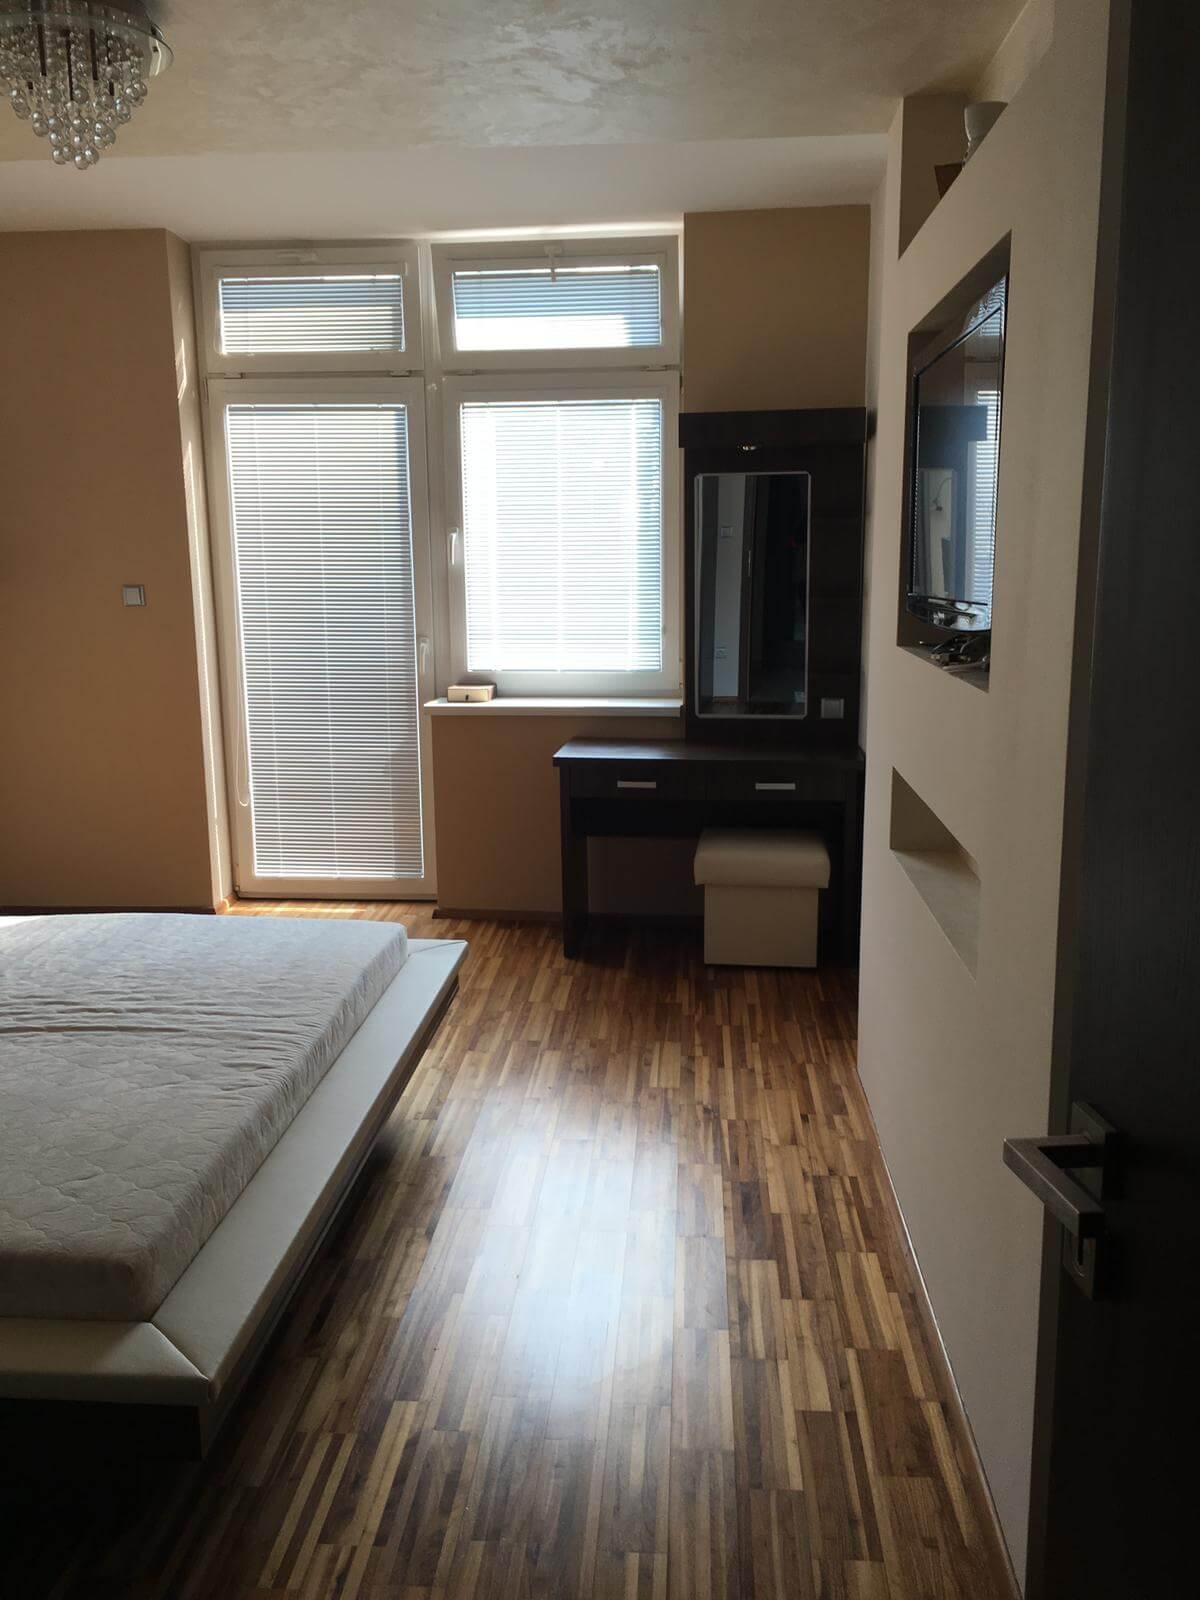 Prenajate: Prenájom 4 izbového luxusného bytu, Pri Slavíne, novostavba, 2x parkovanie, Boženy Nemcovej, Centrum-19